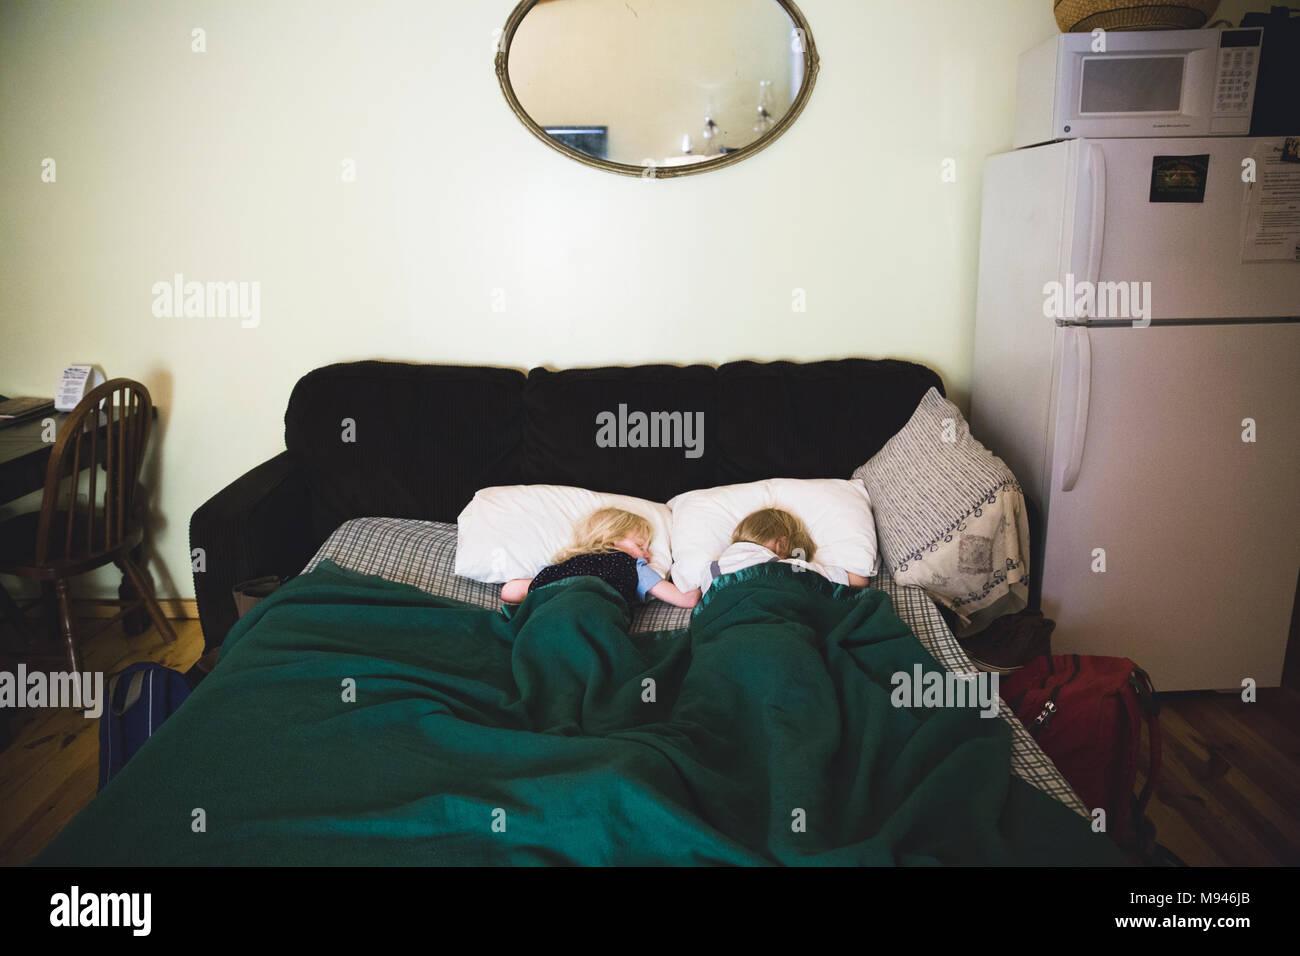 Children sleeping in sofa bed - Stock Image